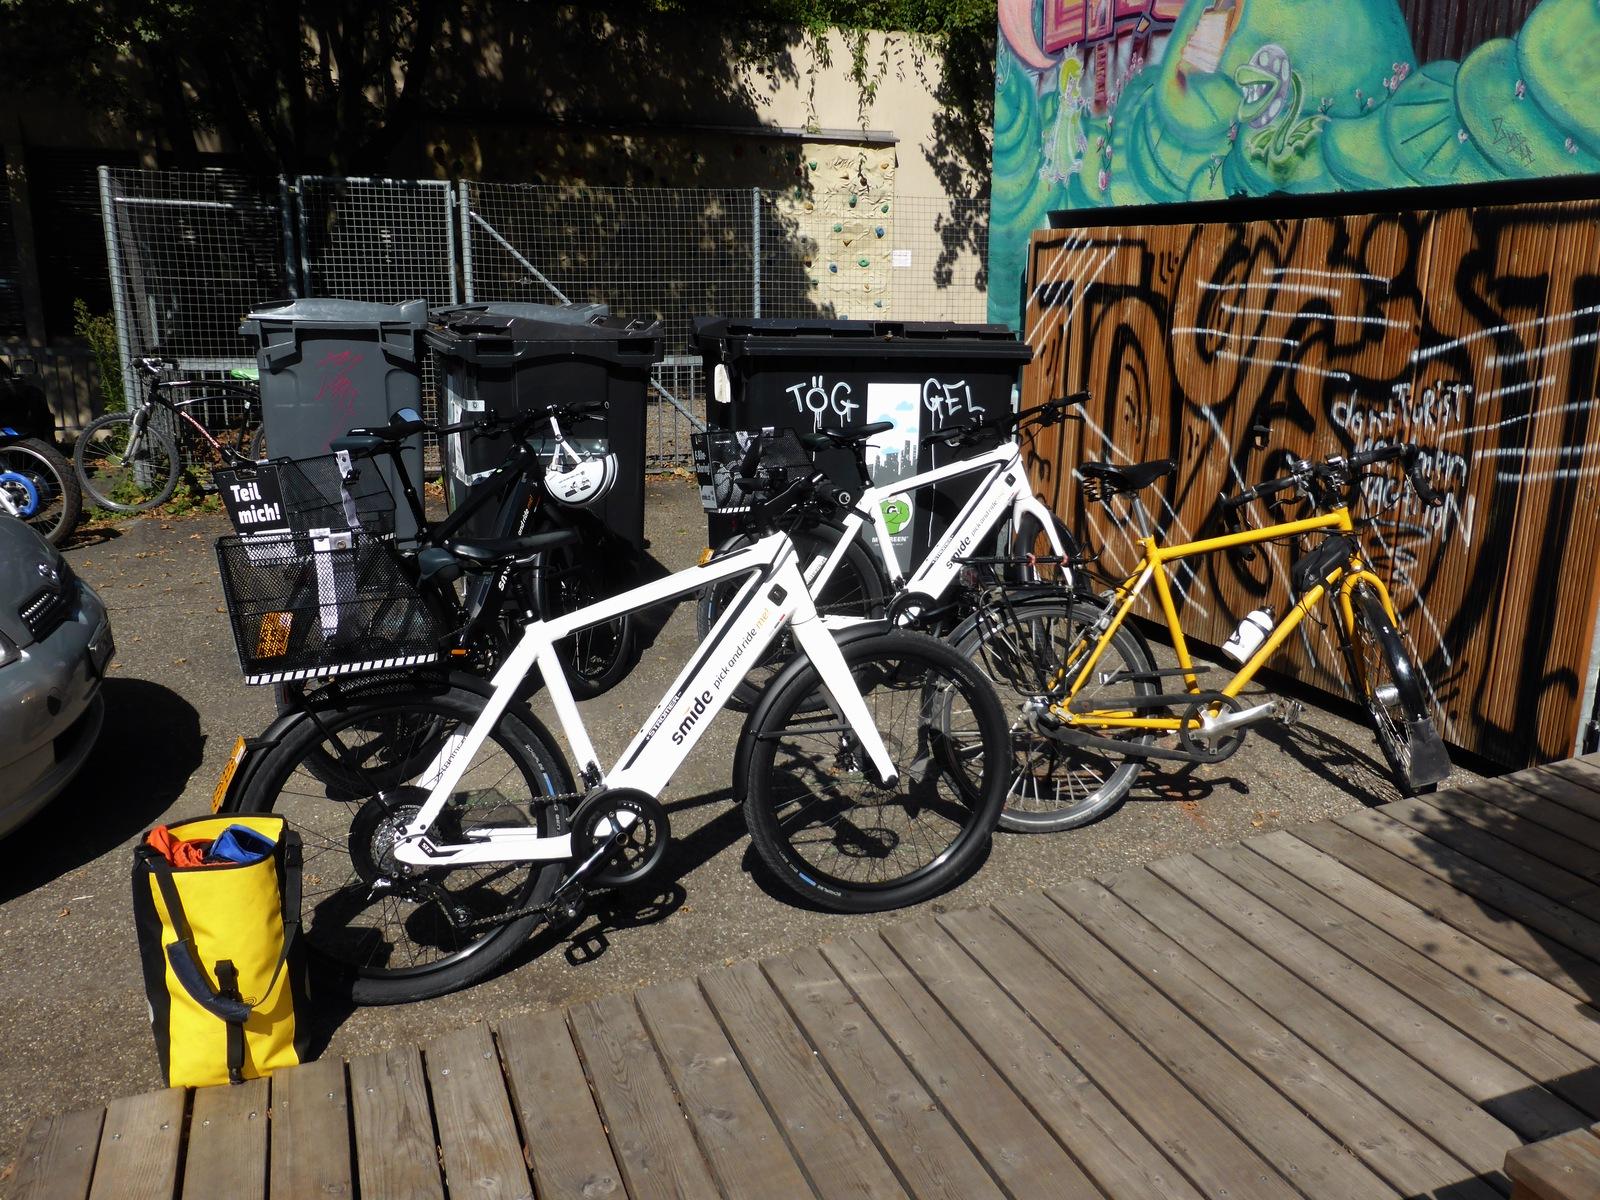 Die smide-E-Bikes gibt's in schwarz und weiss. Schweizerpostgelb hätte vielleicht zu Verwechslungen oder Ärger mit der Post geführt.